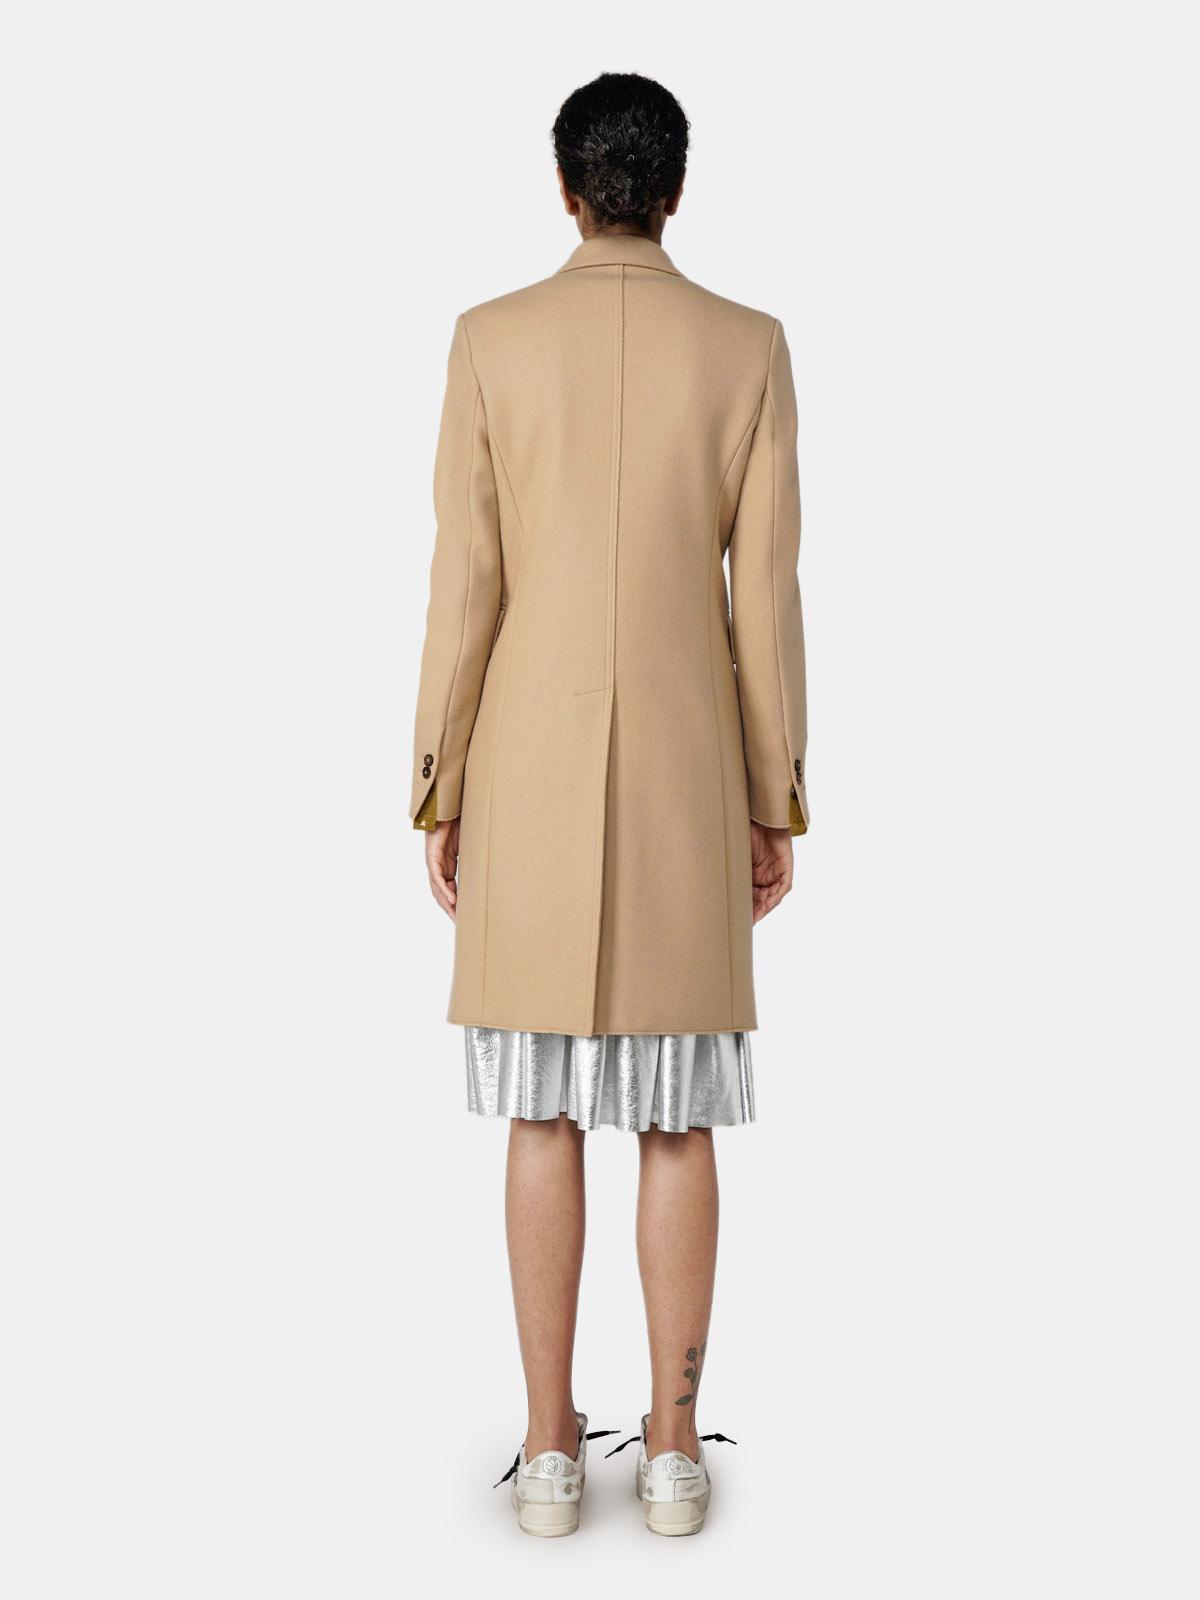 Golden Goose - Alena coat in beige virgin wool in